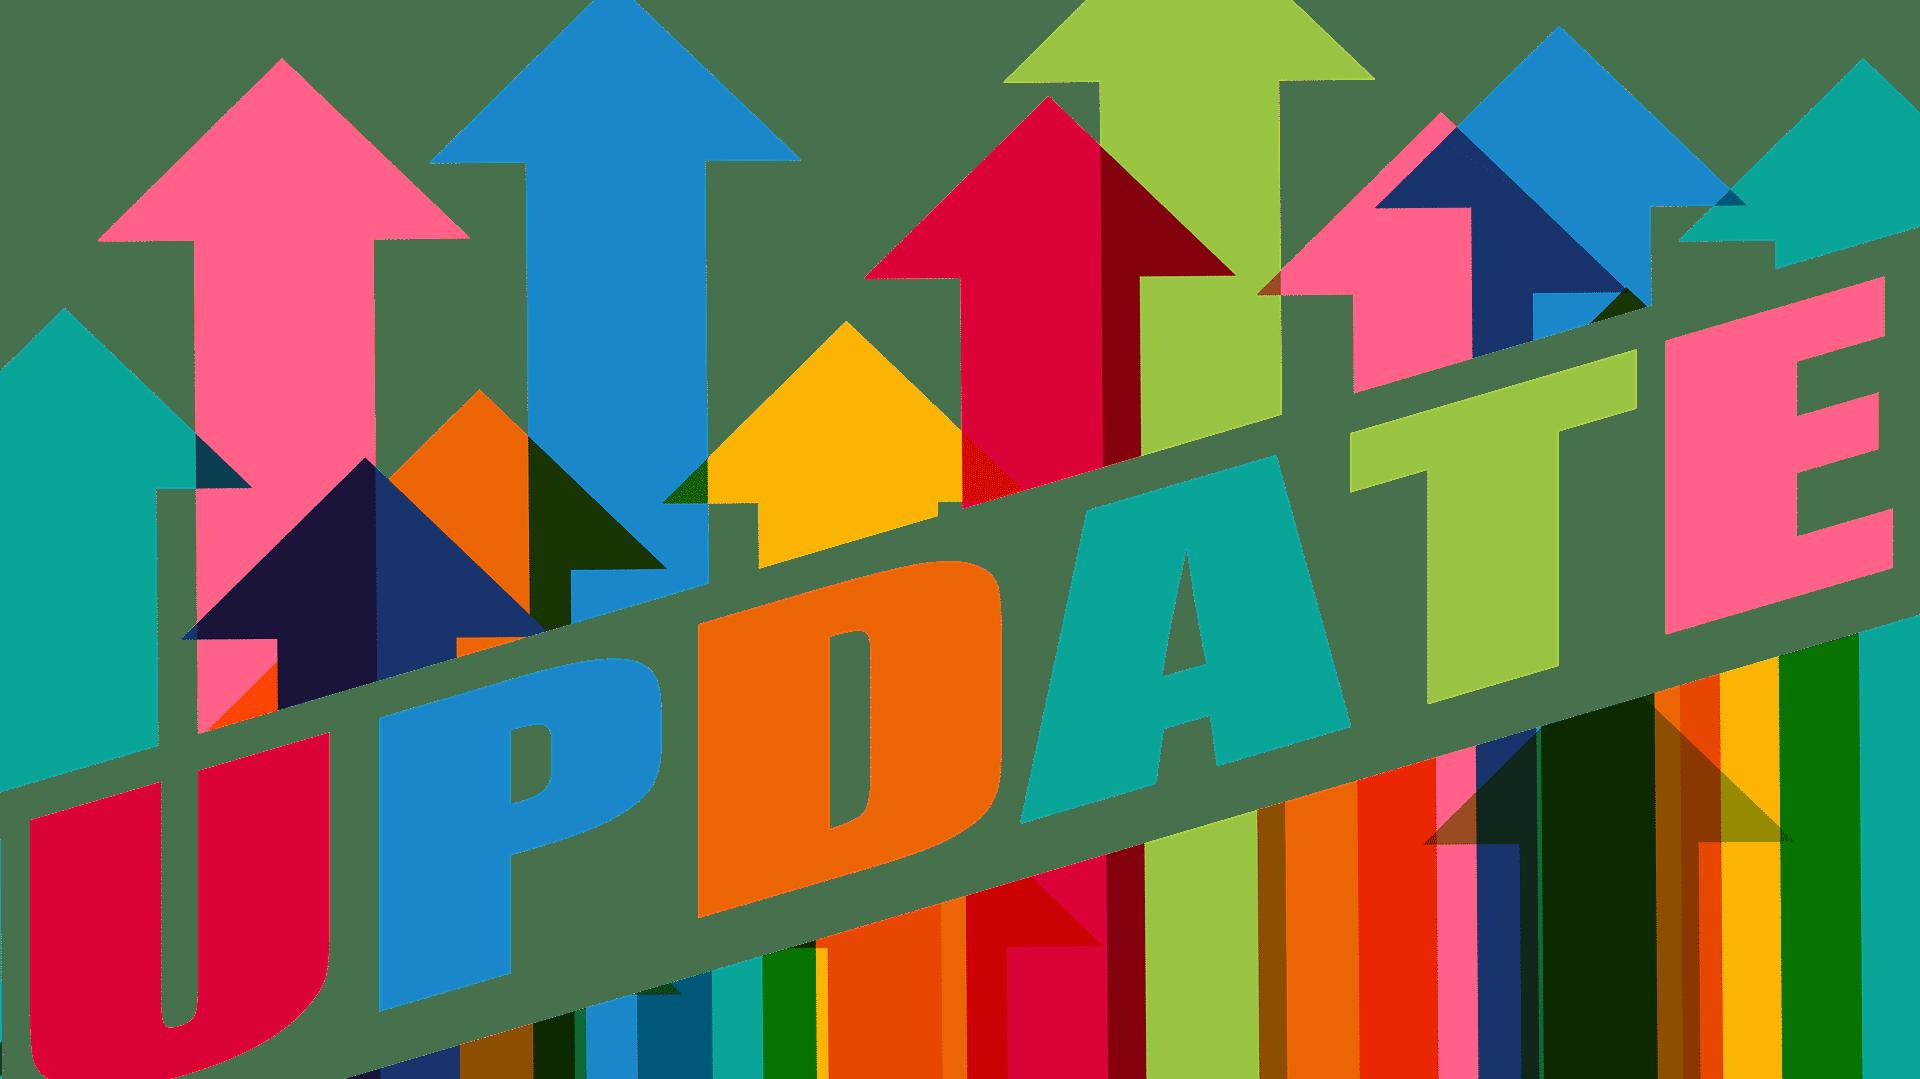 Sicherheitsupdate: D-Link Central WiFi Manager anfällig für Schadcode